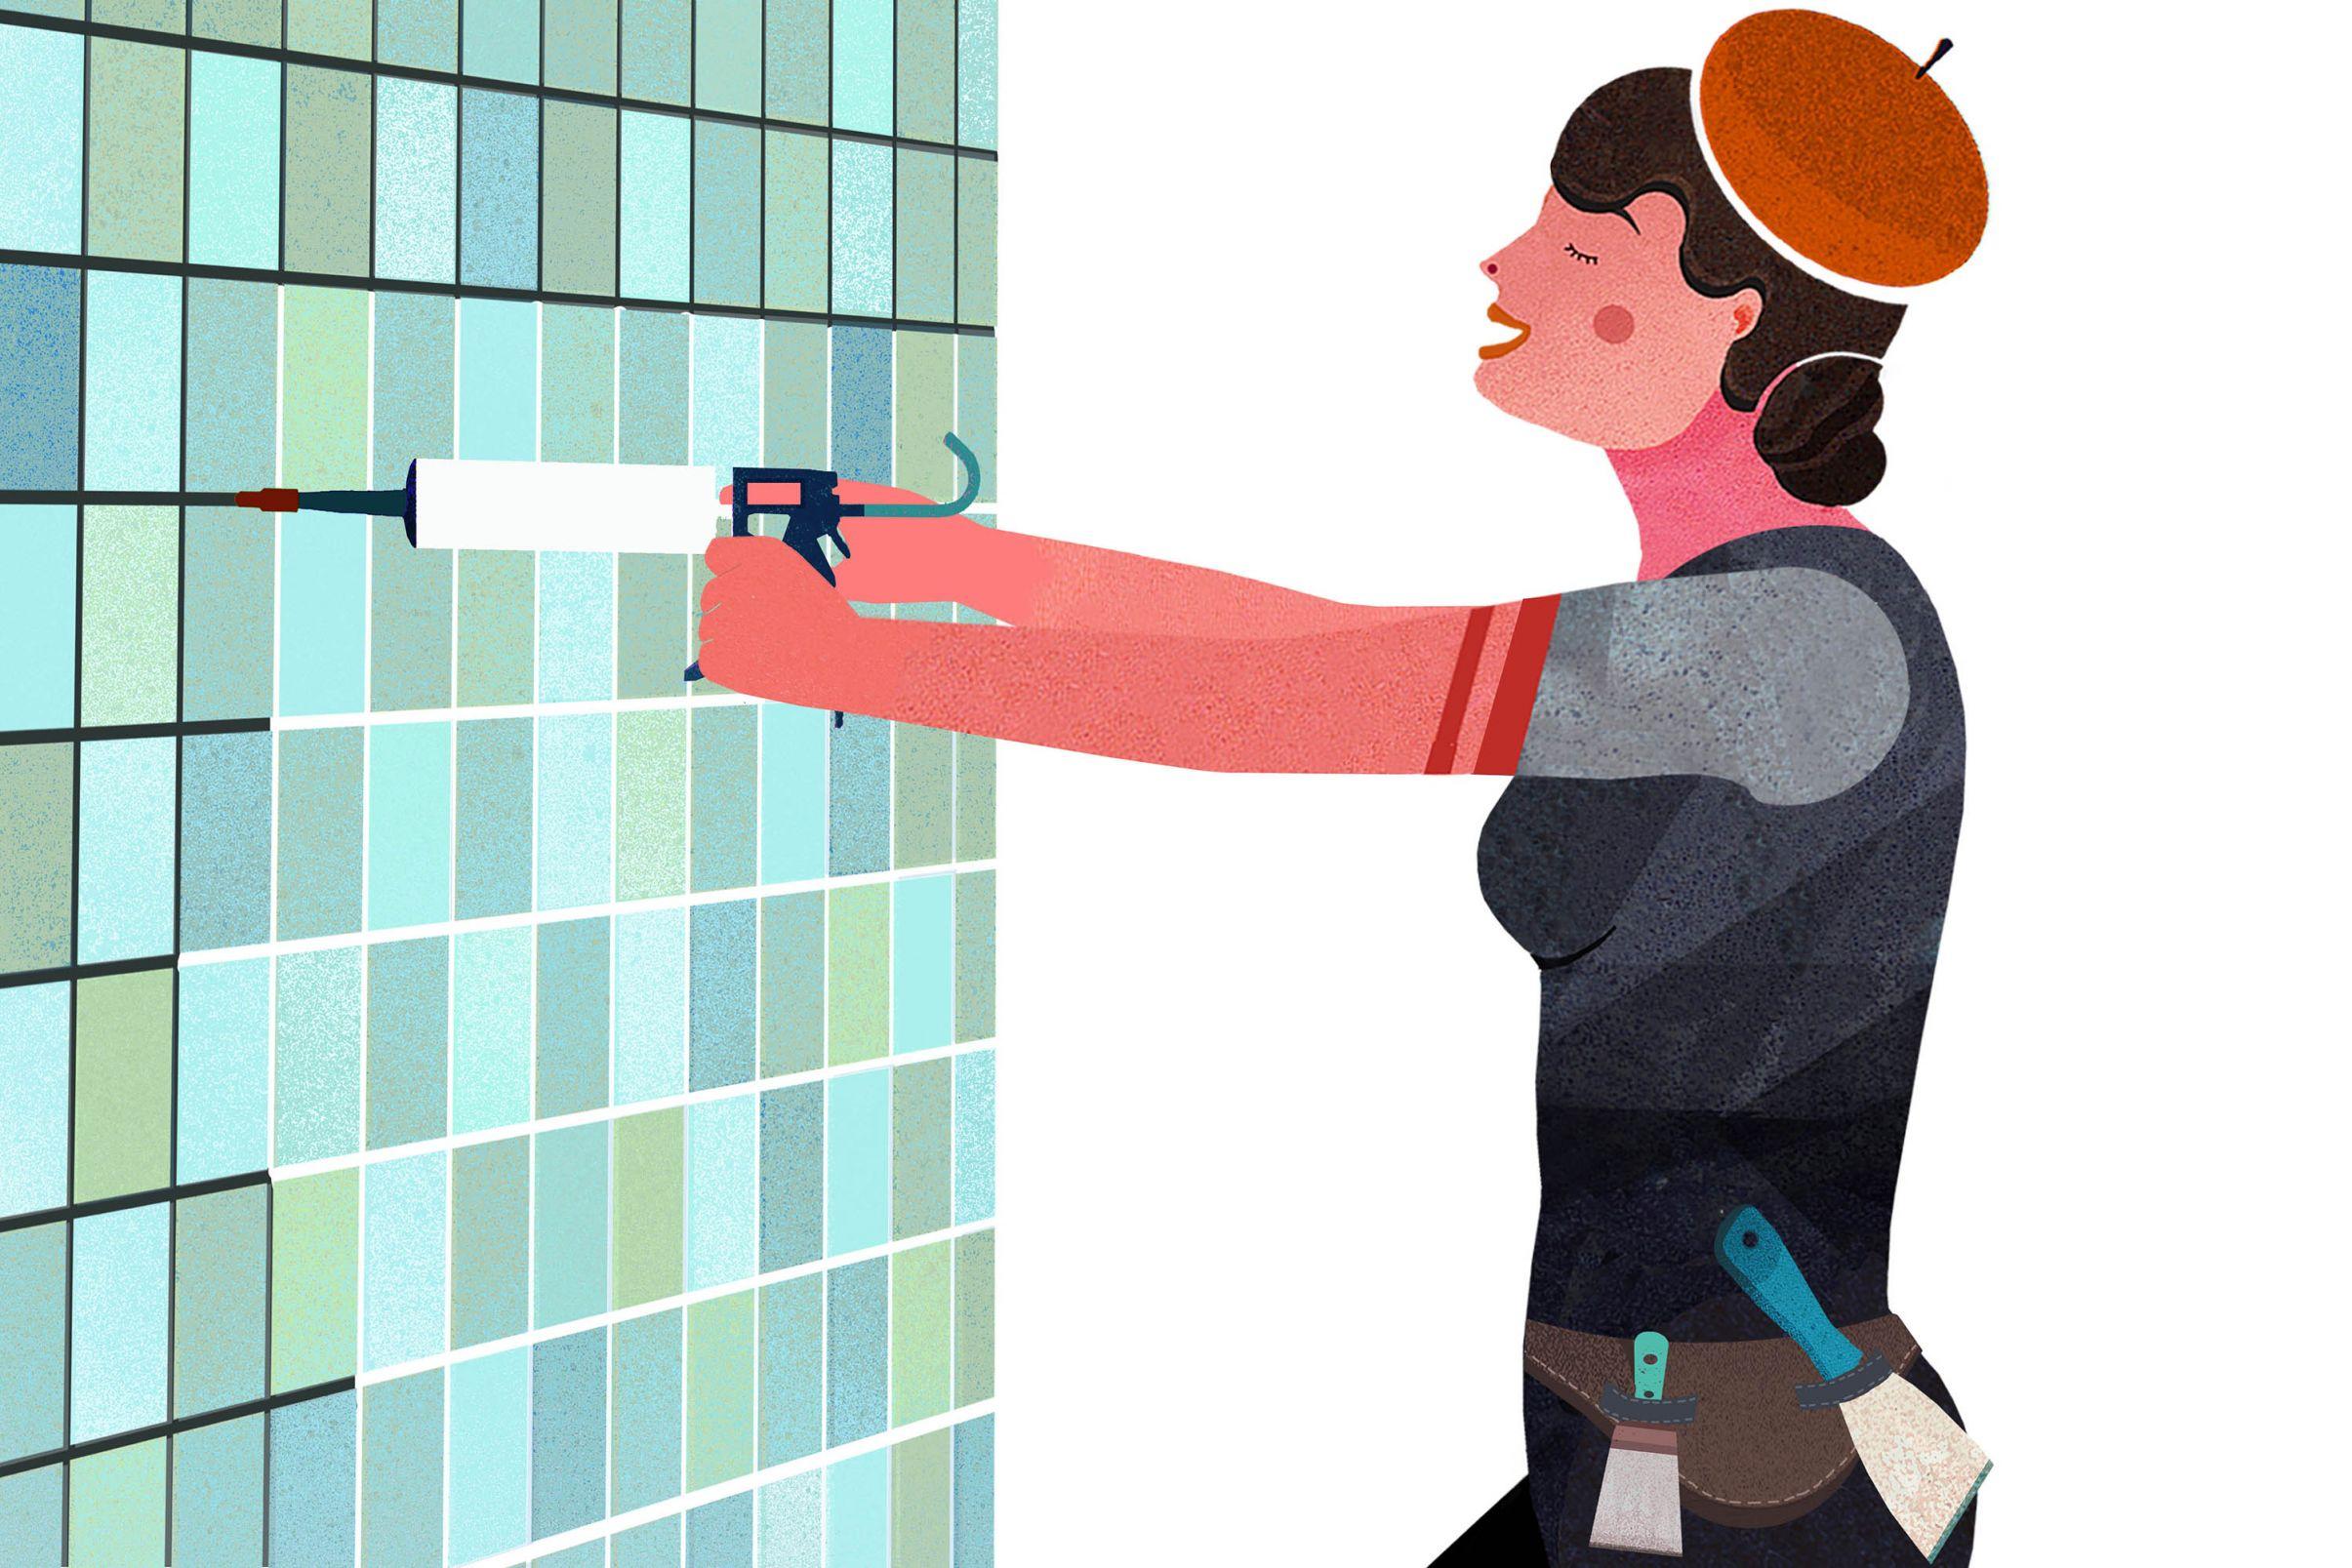 Comment-tapisser-dans-les-salles-de-bains-Boucher-les-joints-aplanir-le-mastic-et-poncer-les-carreaux-avec-du-papier-de-verre